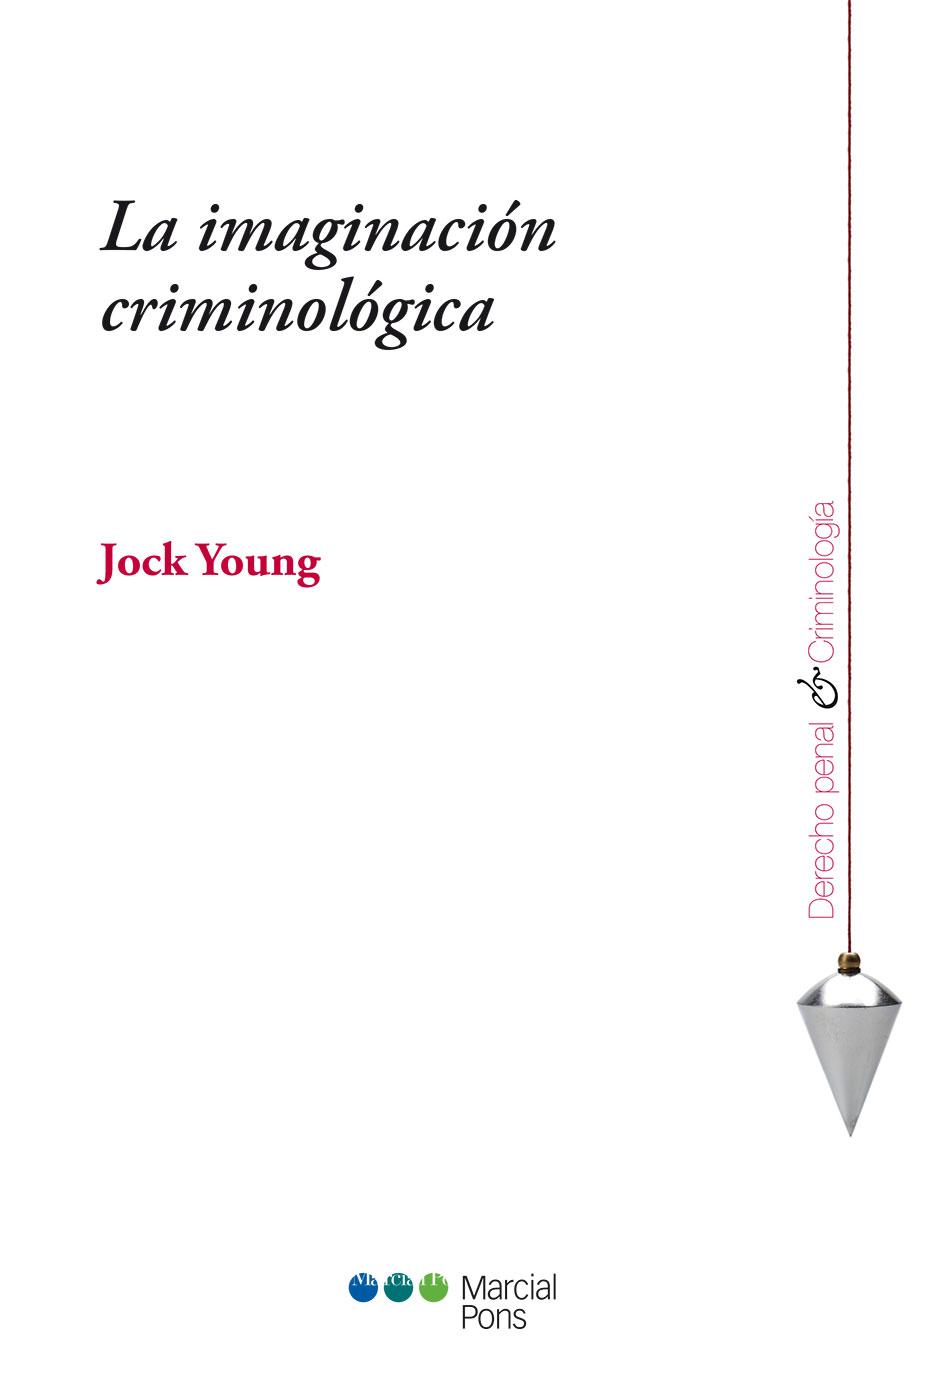 Portada del libro La imaginación criminológica